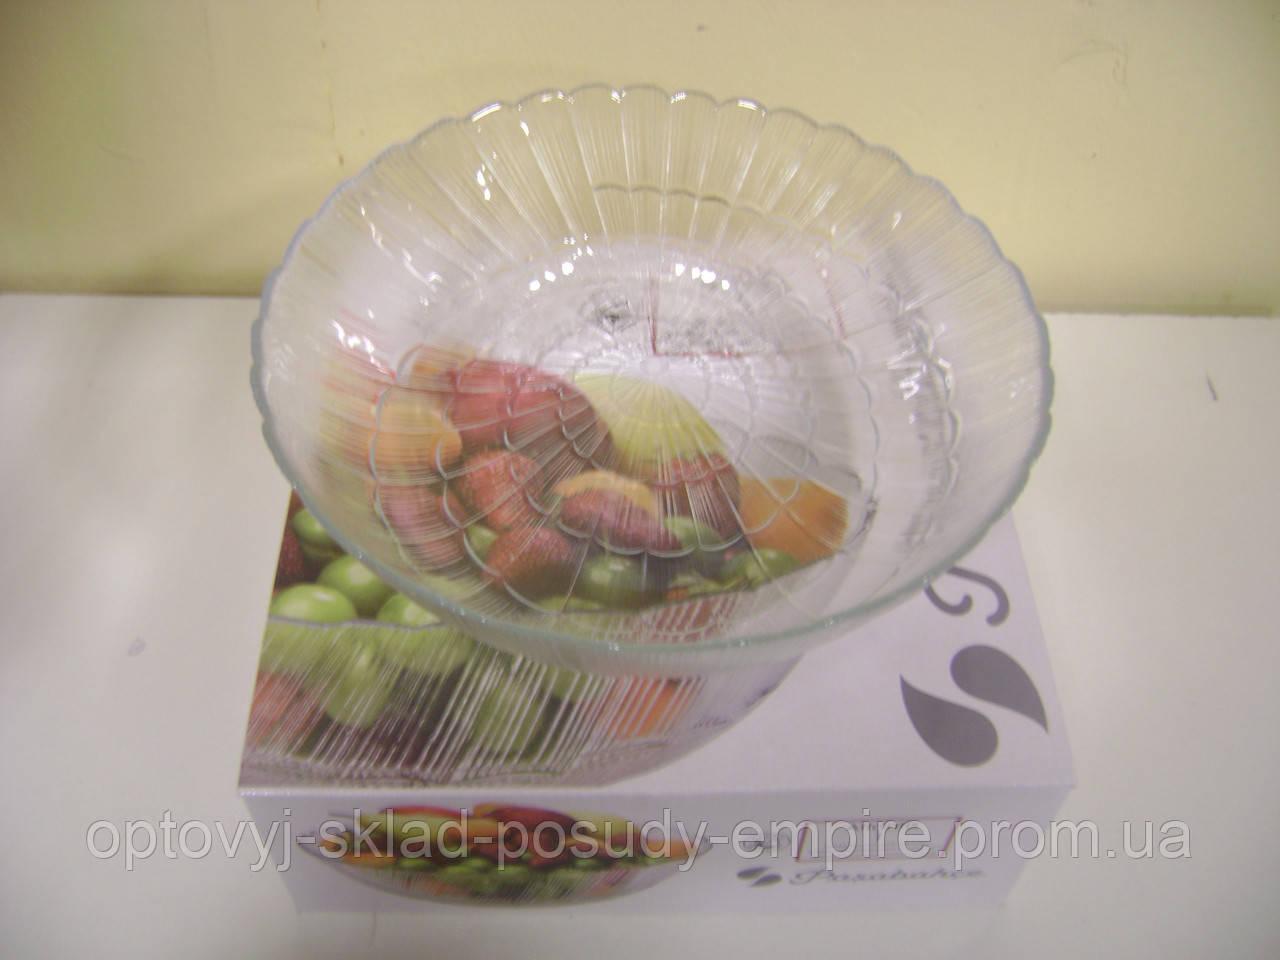 10251 Атлантіс салатник скляний 27см